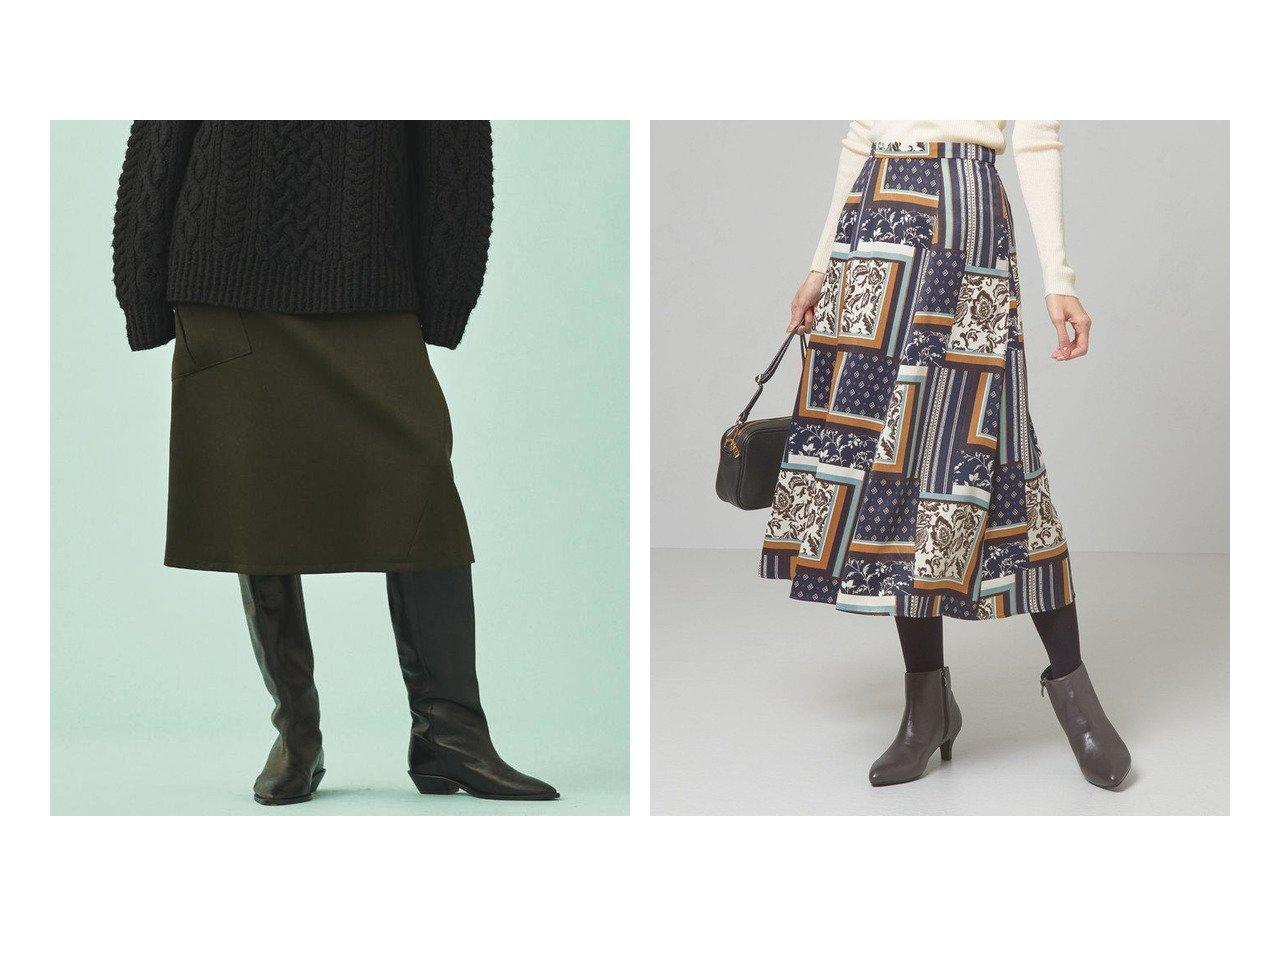 【GALERIE VIE / TOMORROWLAND/ギャルリー ヴィー】のウールドスキン 1ポケットAラインスカート&【THE STATION STORE/ザ ステーション ストア ユナイテッドアローズ】のスカーフプリントFLR スカート -手洗い可能- スカートのおすすめ!人気トレンド・レディースファッションの通販 おすすめで人気の流行・トレンド、ファッションの通販商品 メンズファッション・キッズファッション・インテリア・家具・レディースファッション・服の通販 founy(ファニー) https://founy.com/ ファッション Fashion レディースファッション WOMEN スカート Skirt Aライン/フレアスカート Flared A-Line Skirts A/W 秋冬 Autumn &  Winter アシンメトリー バランス ポケット ウォッシャブル エレガント ギャザー ショート スカーフ フレア プリント ミモレ ランダム ロング |ID:crp329100000008978